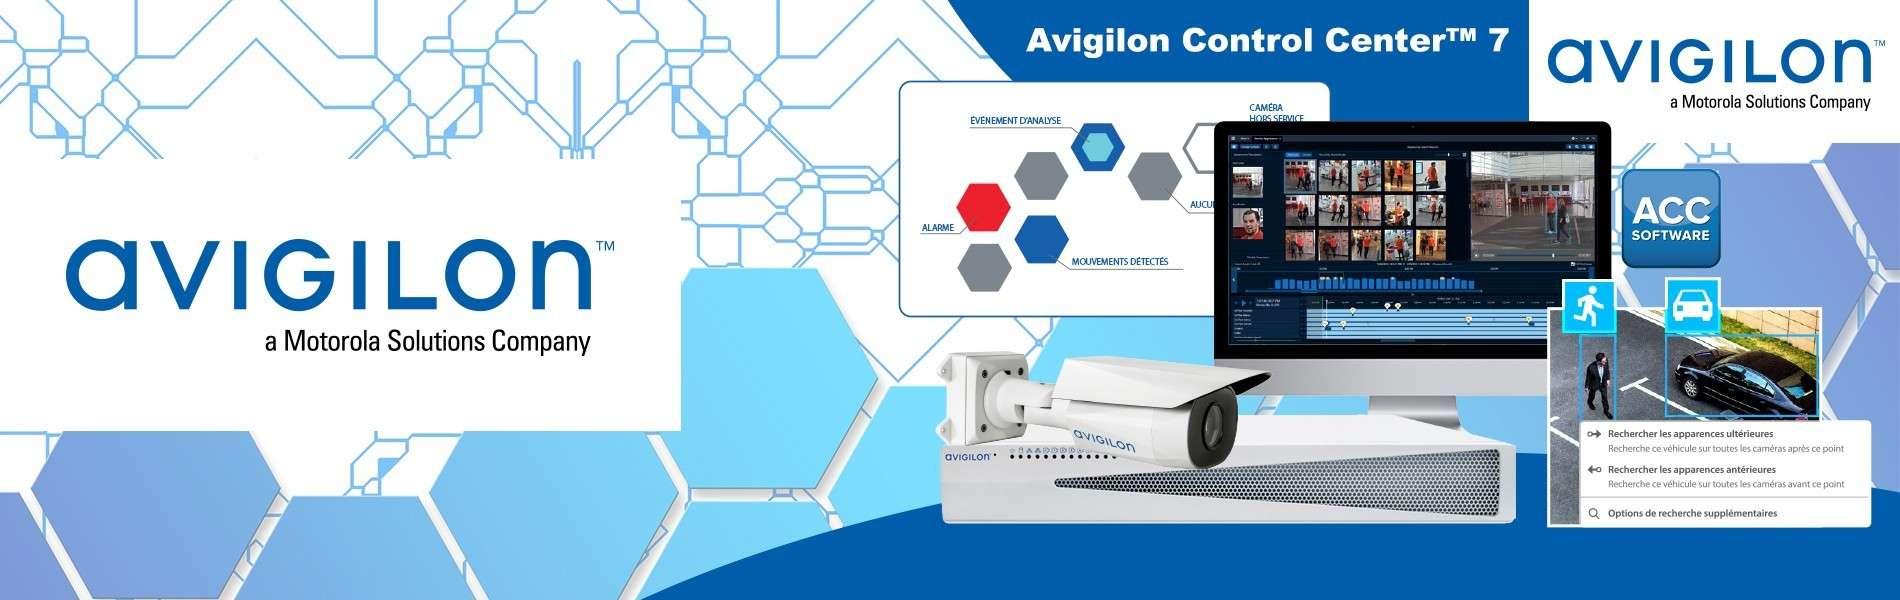 Logiciel Avigilon Control Center™ 7